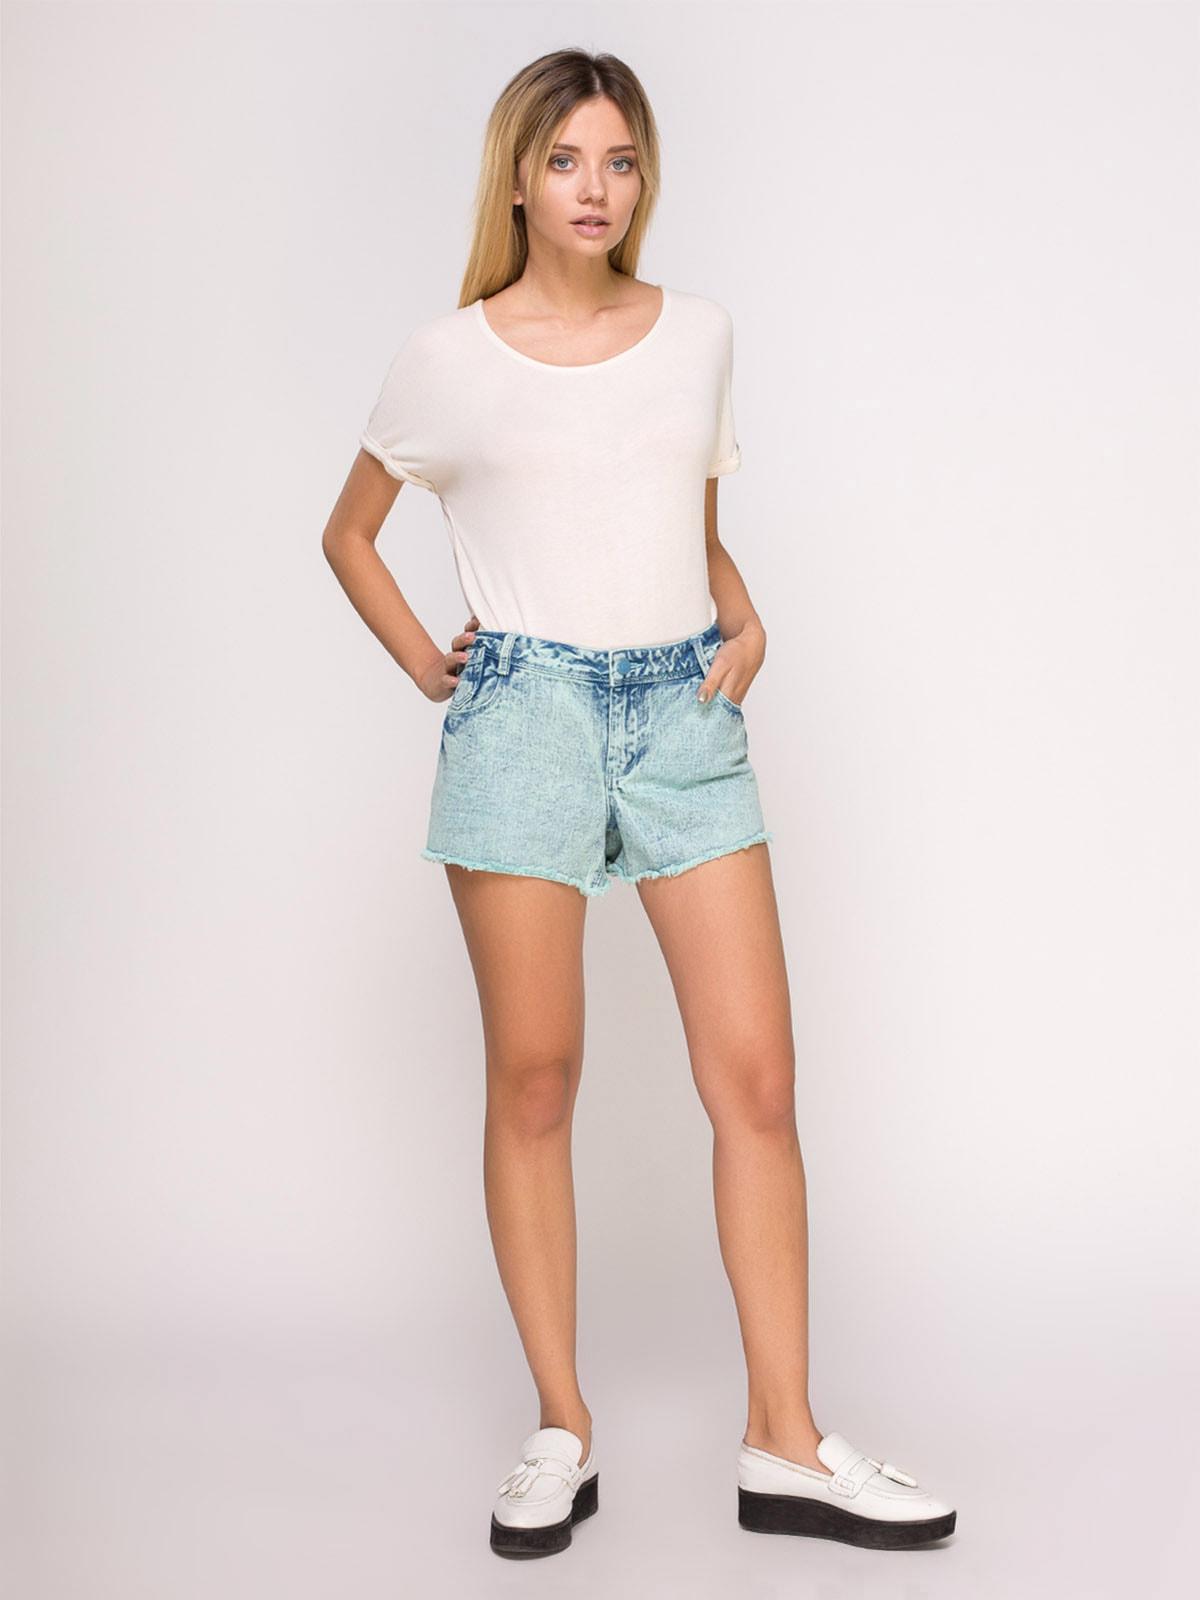 Шорты зелено-голубые джинсовые | 4624006 | фото 2